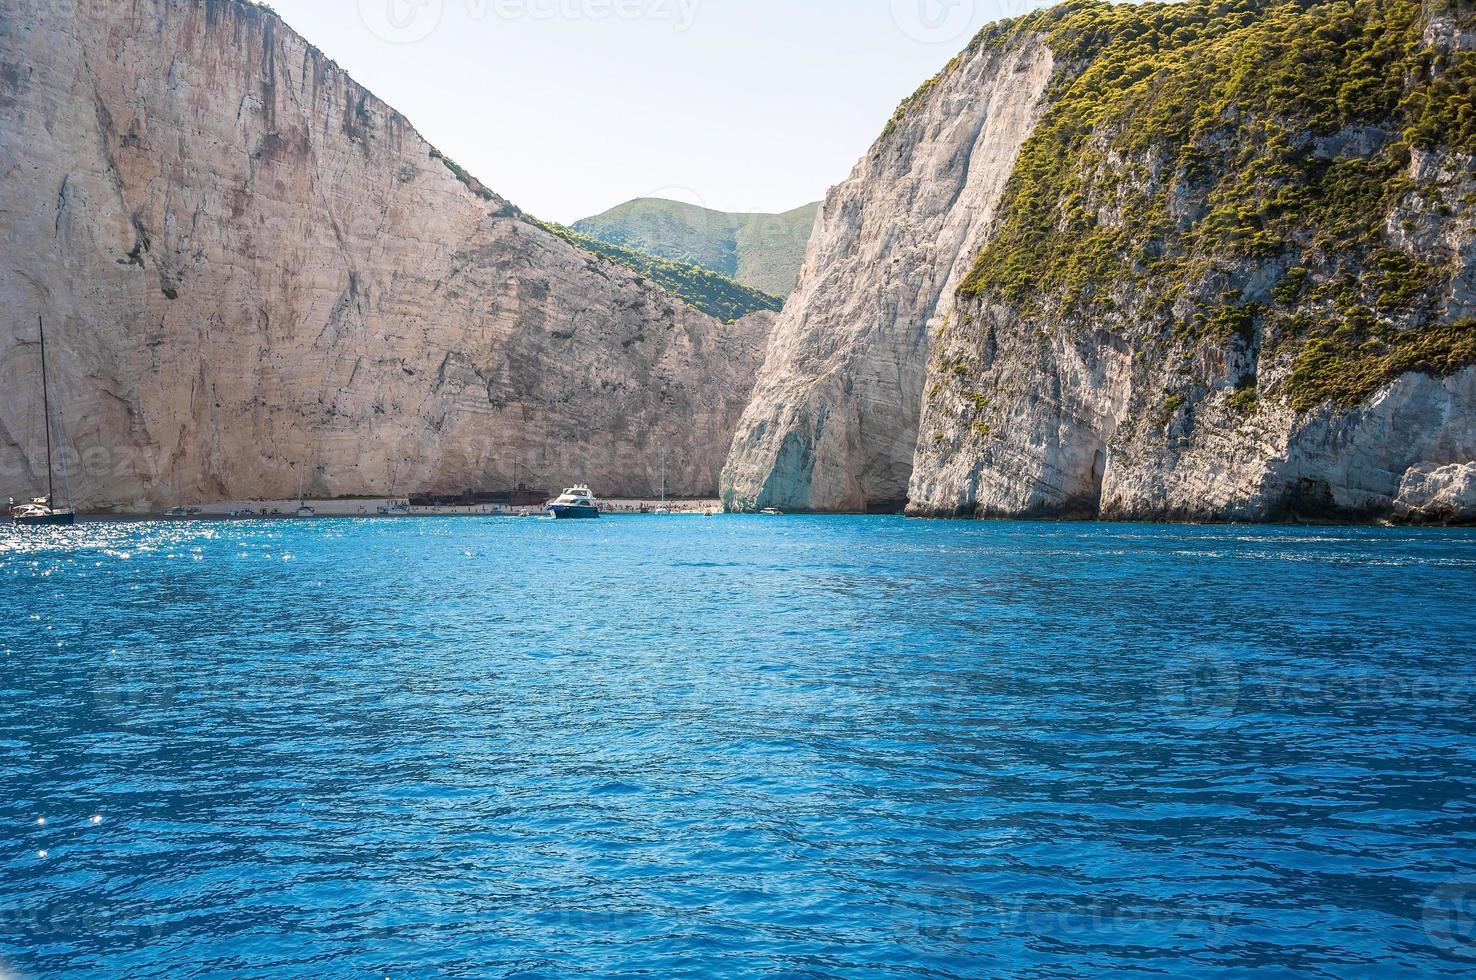 Vista de la playa de Navagio en la isla de Zakynthos, Grecia foto